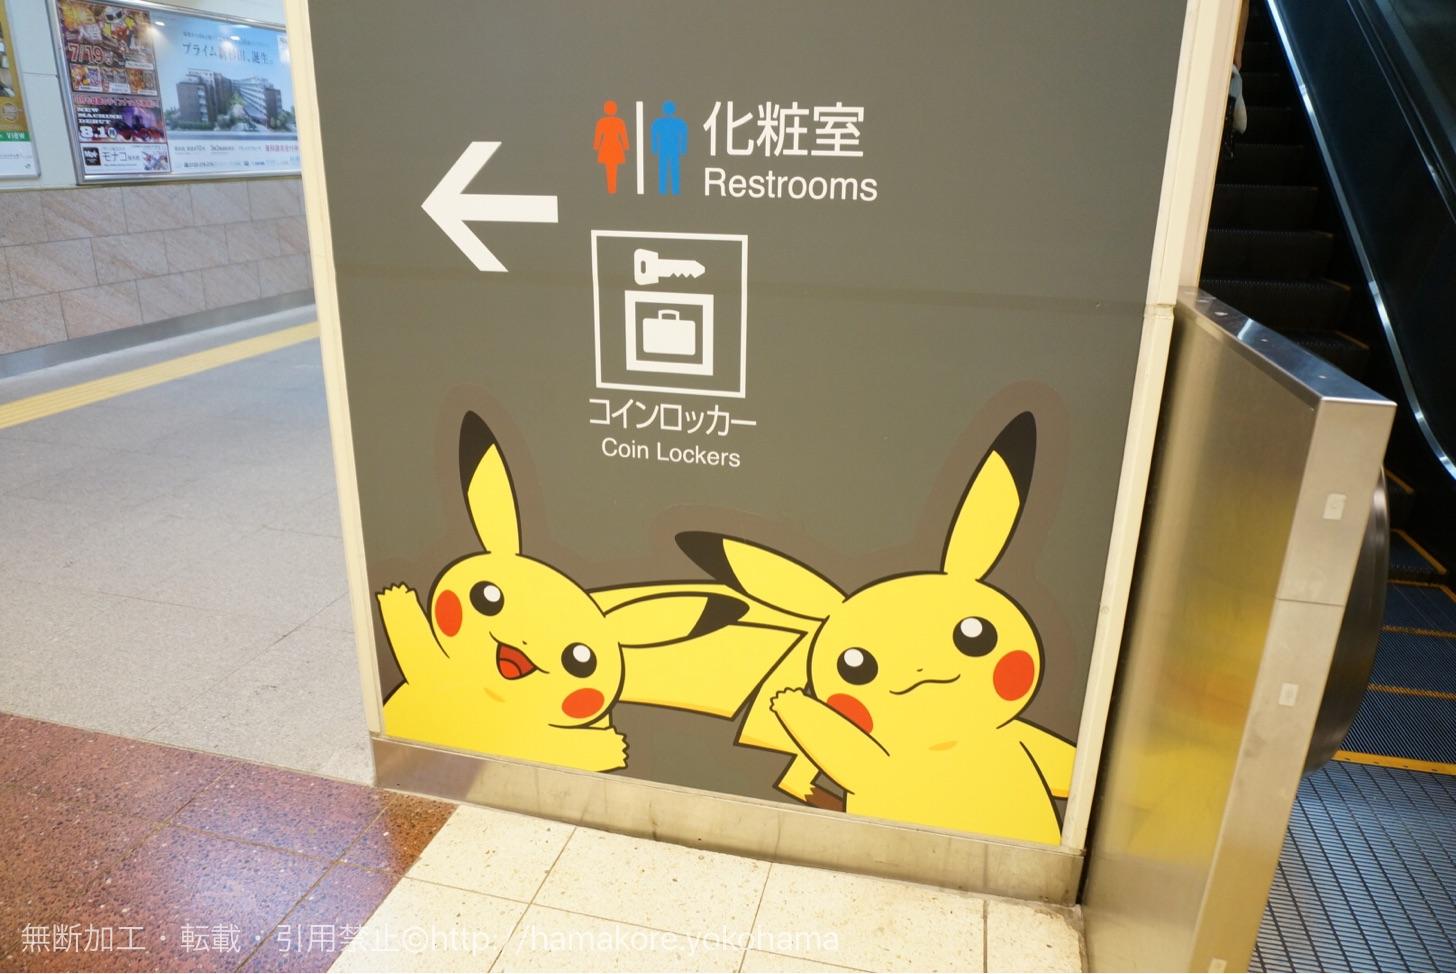 桜木町駅の壁に描かれたピカチュウ